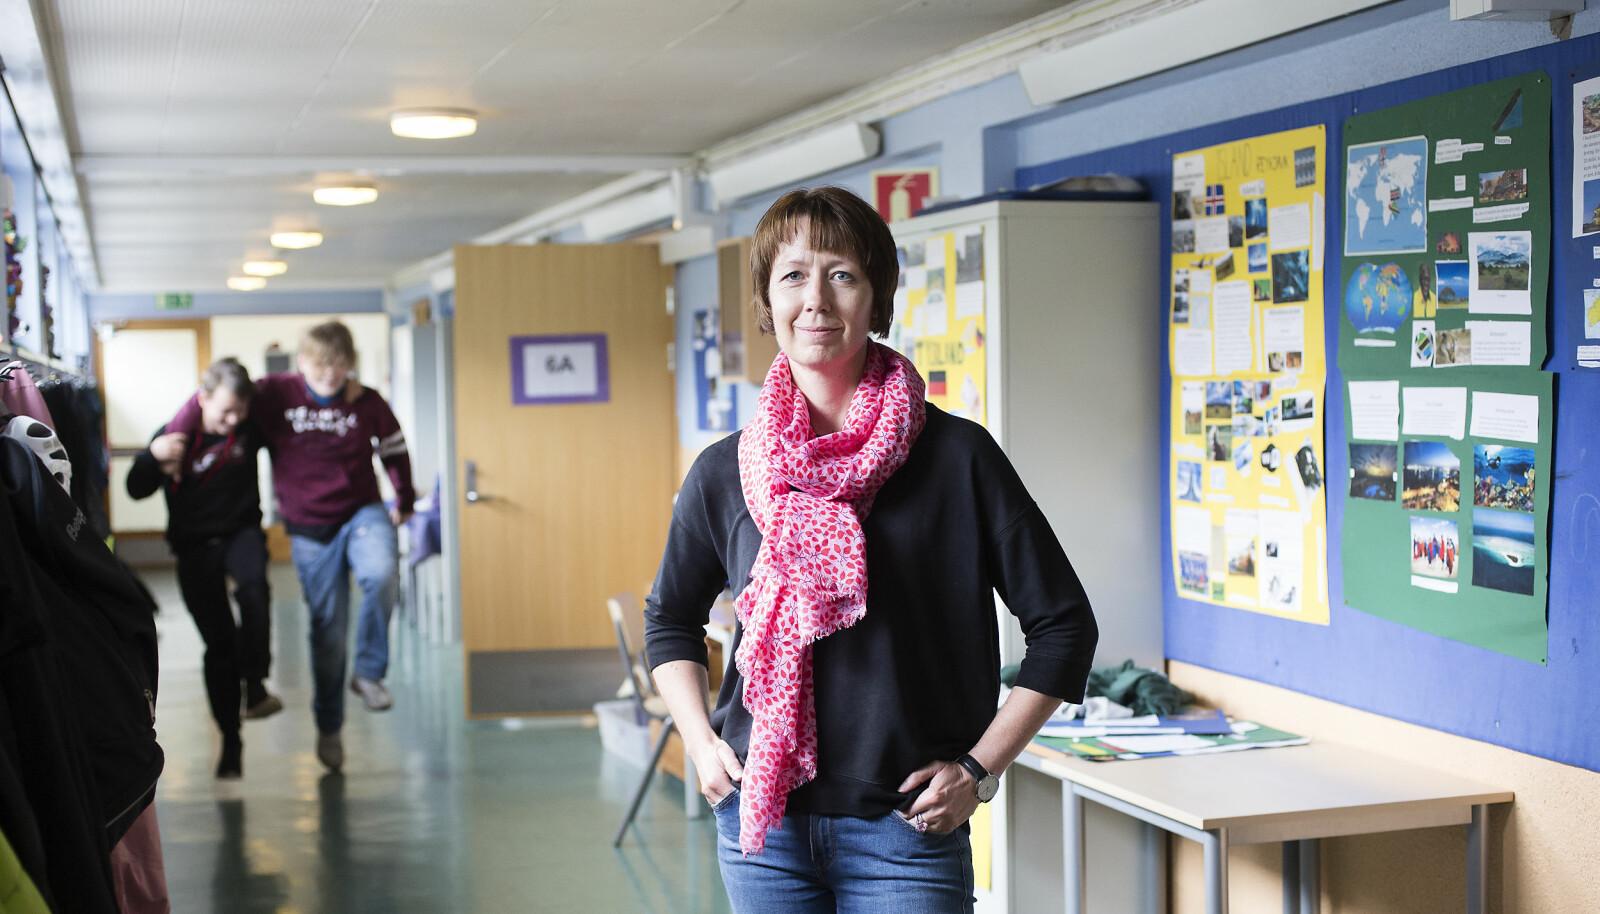 Rektor Monika Antun anbefaler skoler og kommuner å hive seg på ordningen med veilederkorps om de får sjansen. - Det er mye å lære. Men tenk grundig gjennom hva du vil ha ut av det, sier hun. Foto: Silje Katrine Robinson